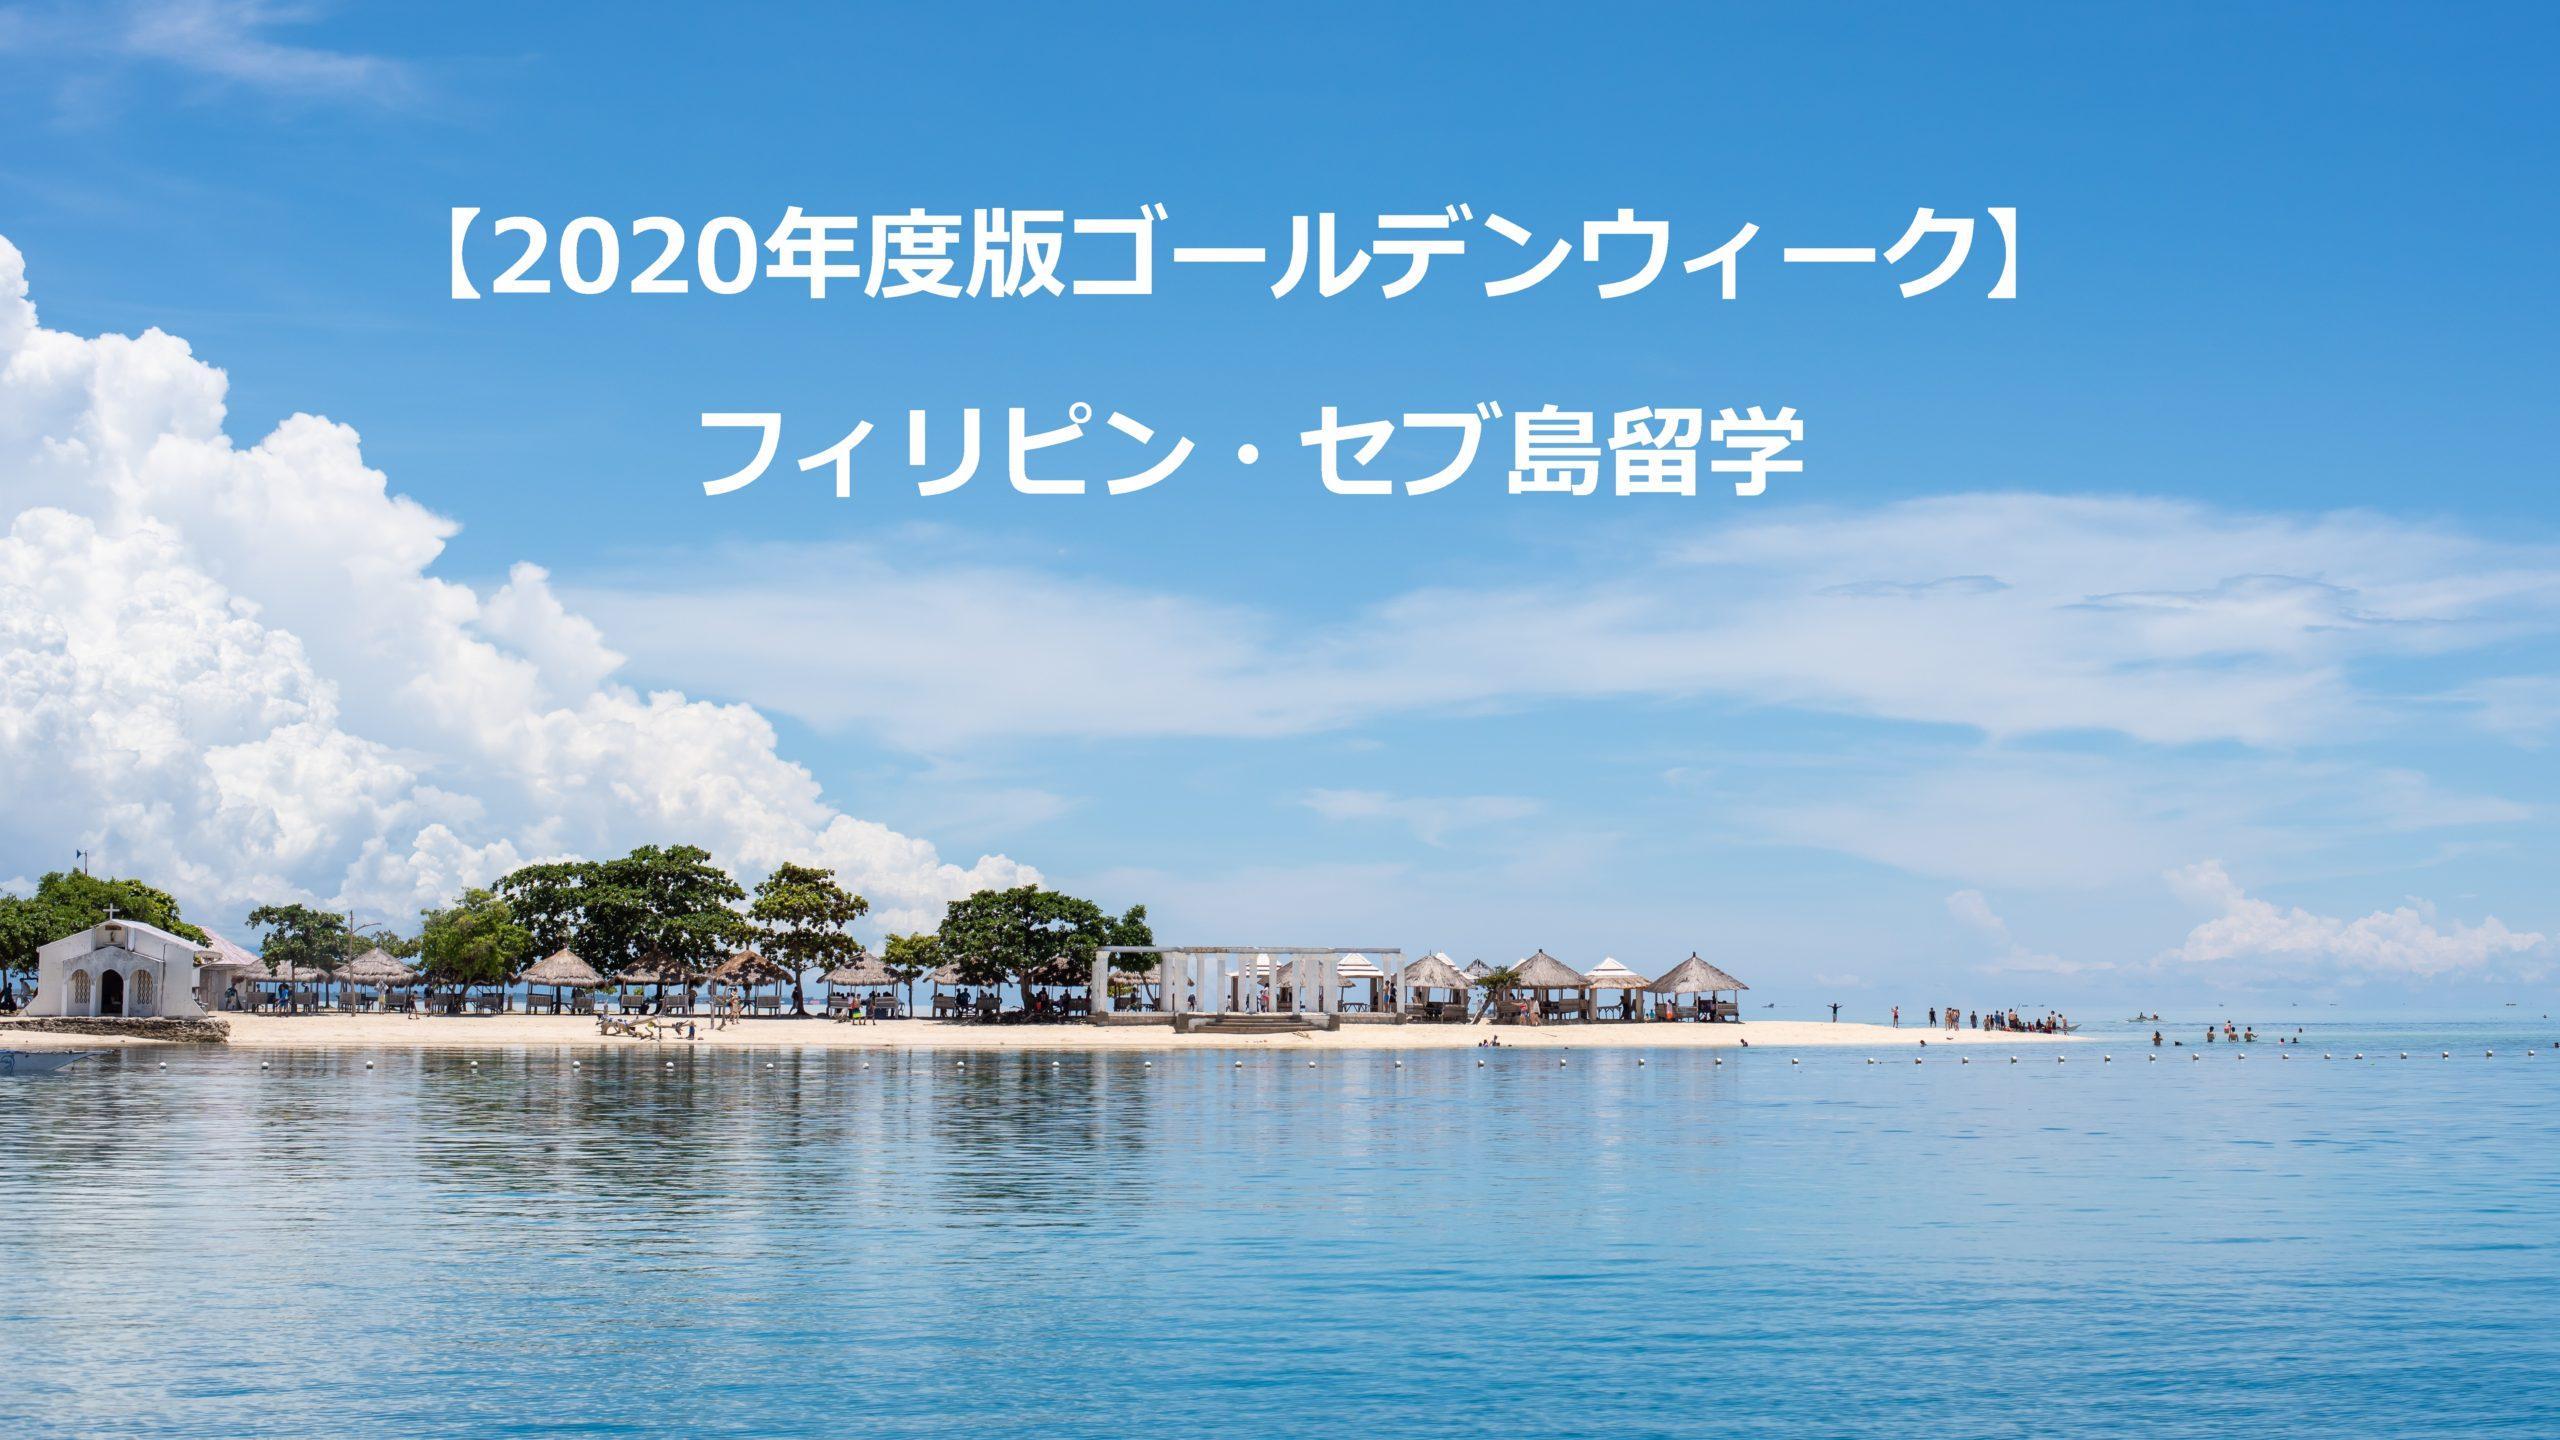 【2020年度版ゴールデンウィーク】フィリピン・セブ島留学